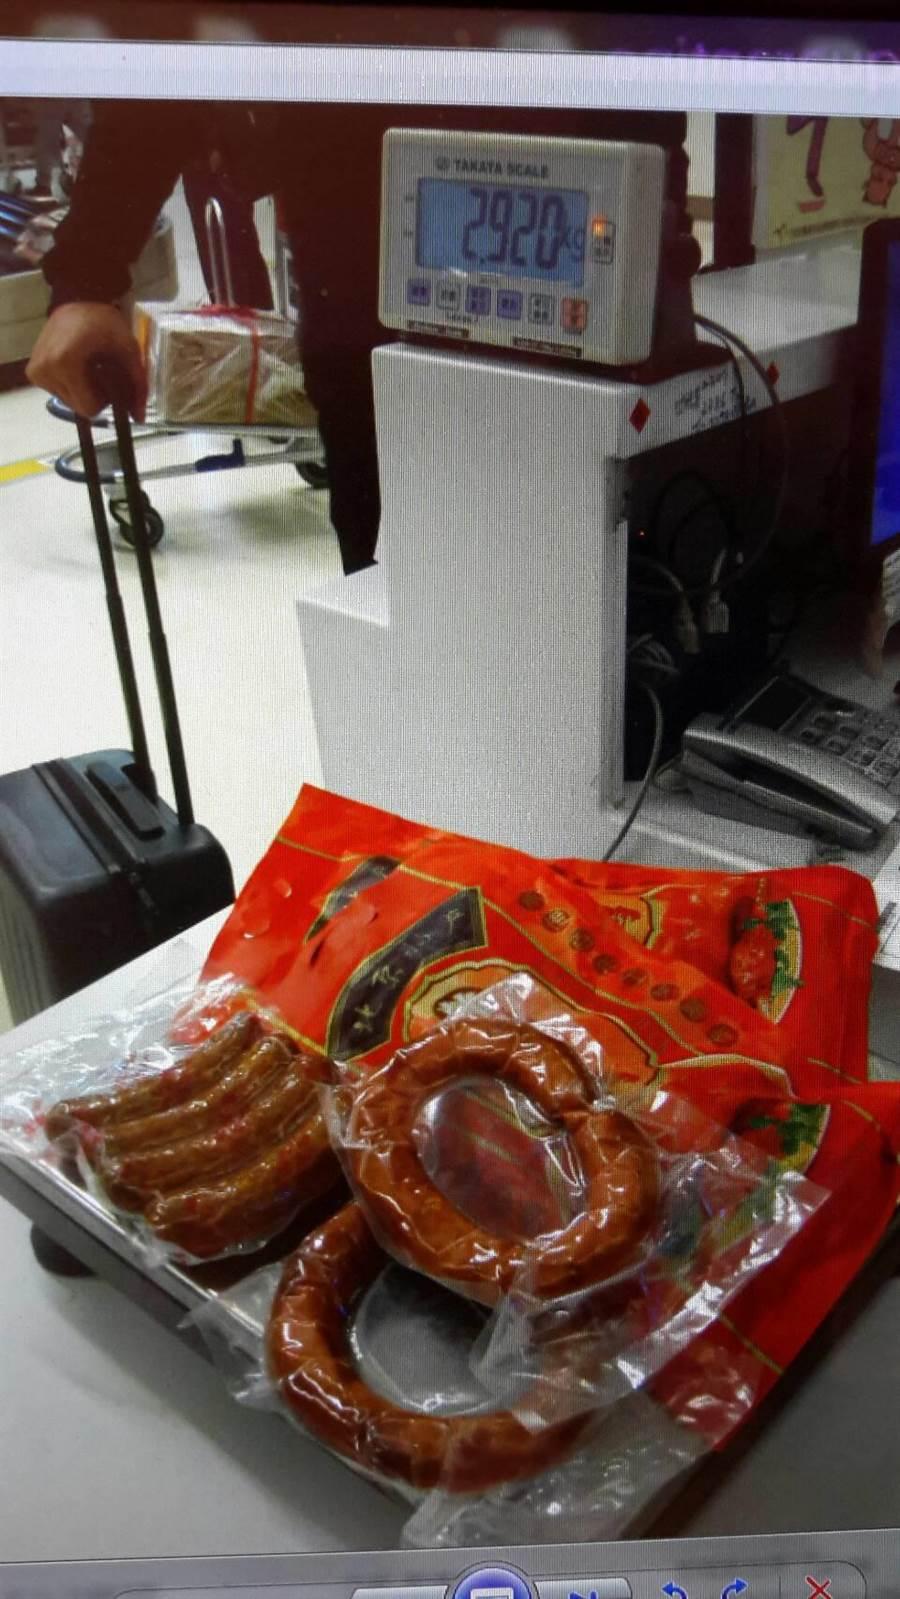 陸客攜帶紅腸、加工豬肉產品及烤鴨共計2.92公斤未主動申報。(圖由農委會提供)